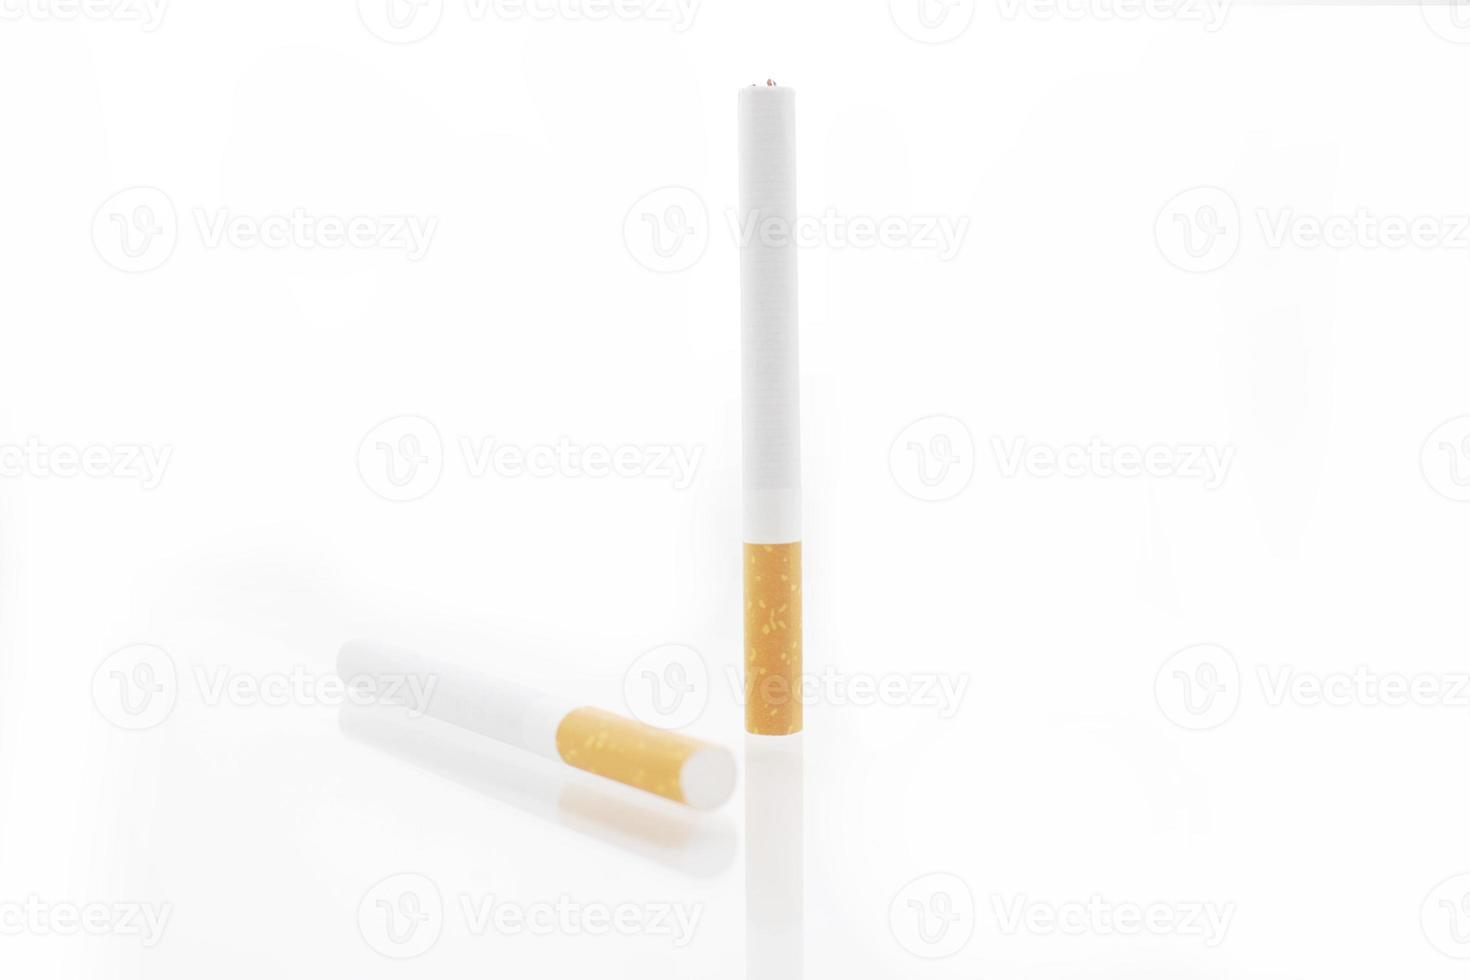 sigaretta isolato su uno sfondo bianco foto